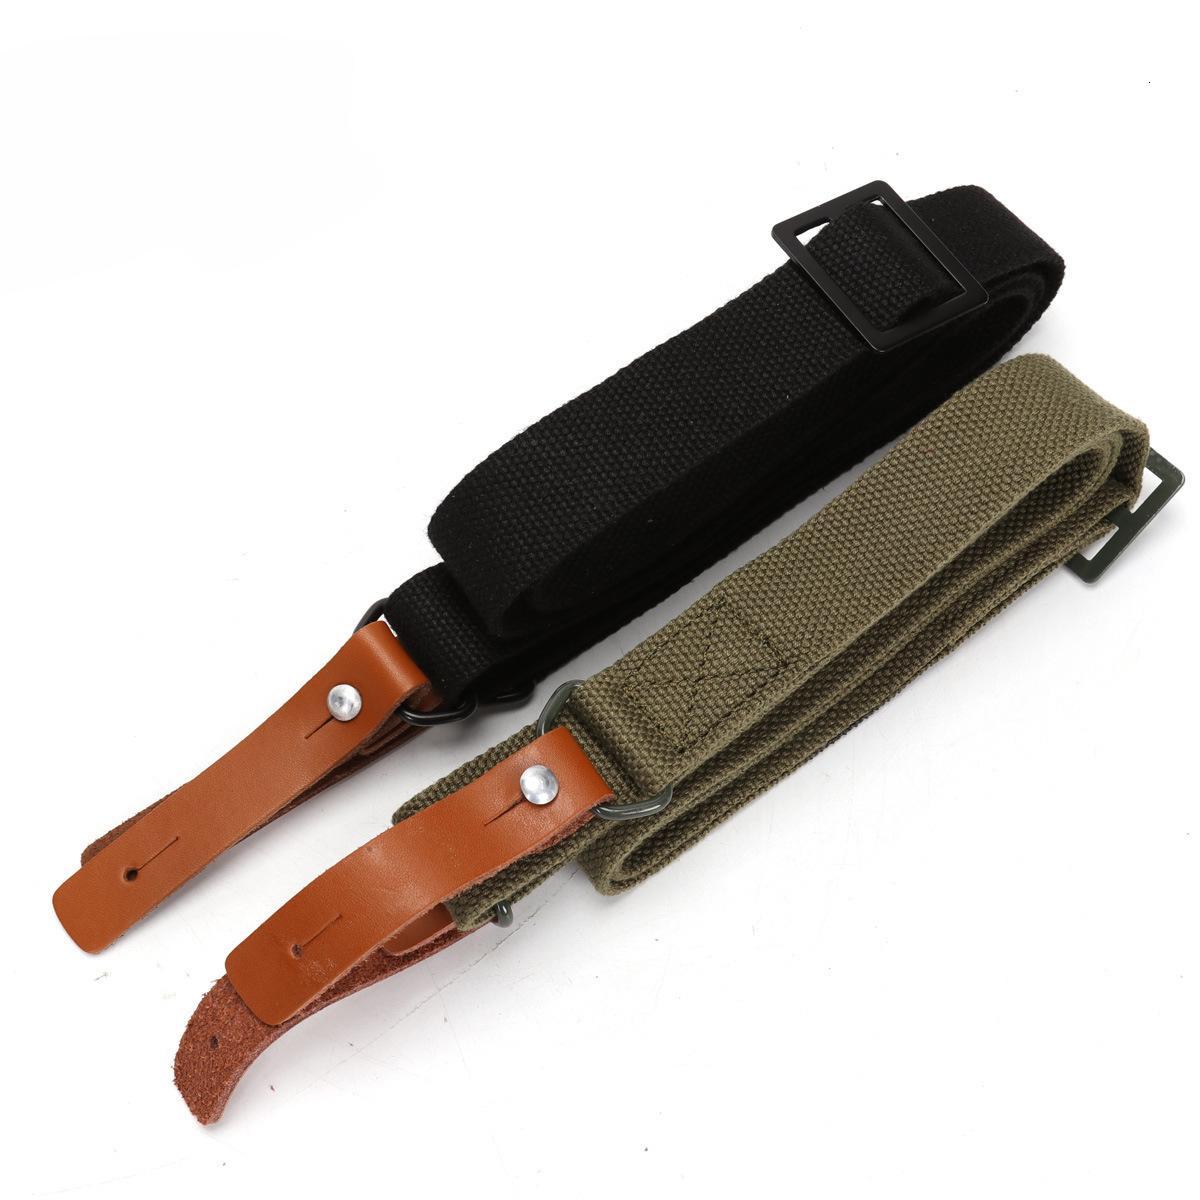 AK Pelle Outdoor Real CS Tactical Multi Function Task Cintura per la sicurezza della cinghia d'attaccatura Singola cinghia a doppio punto